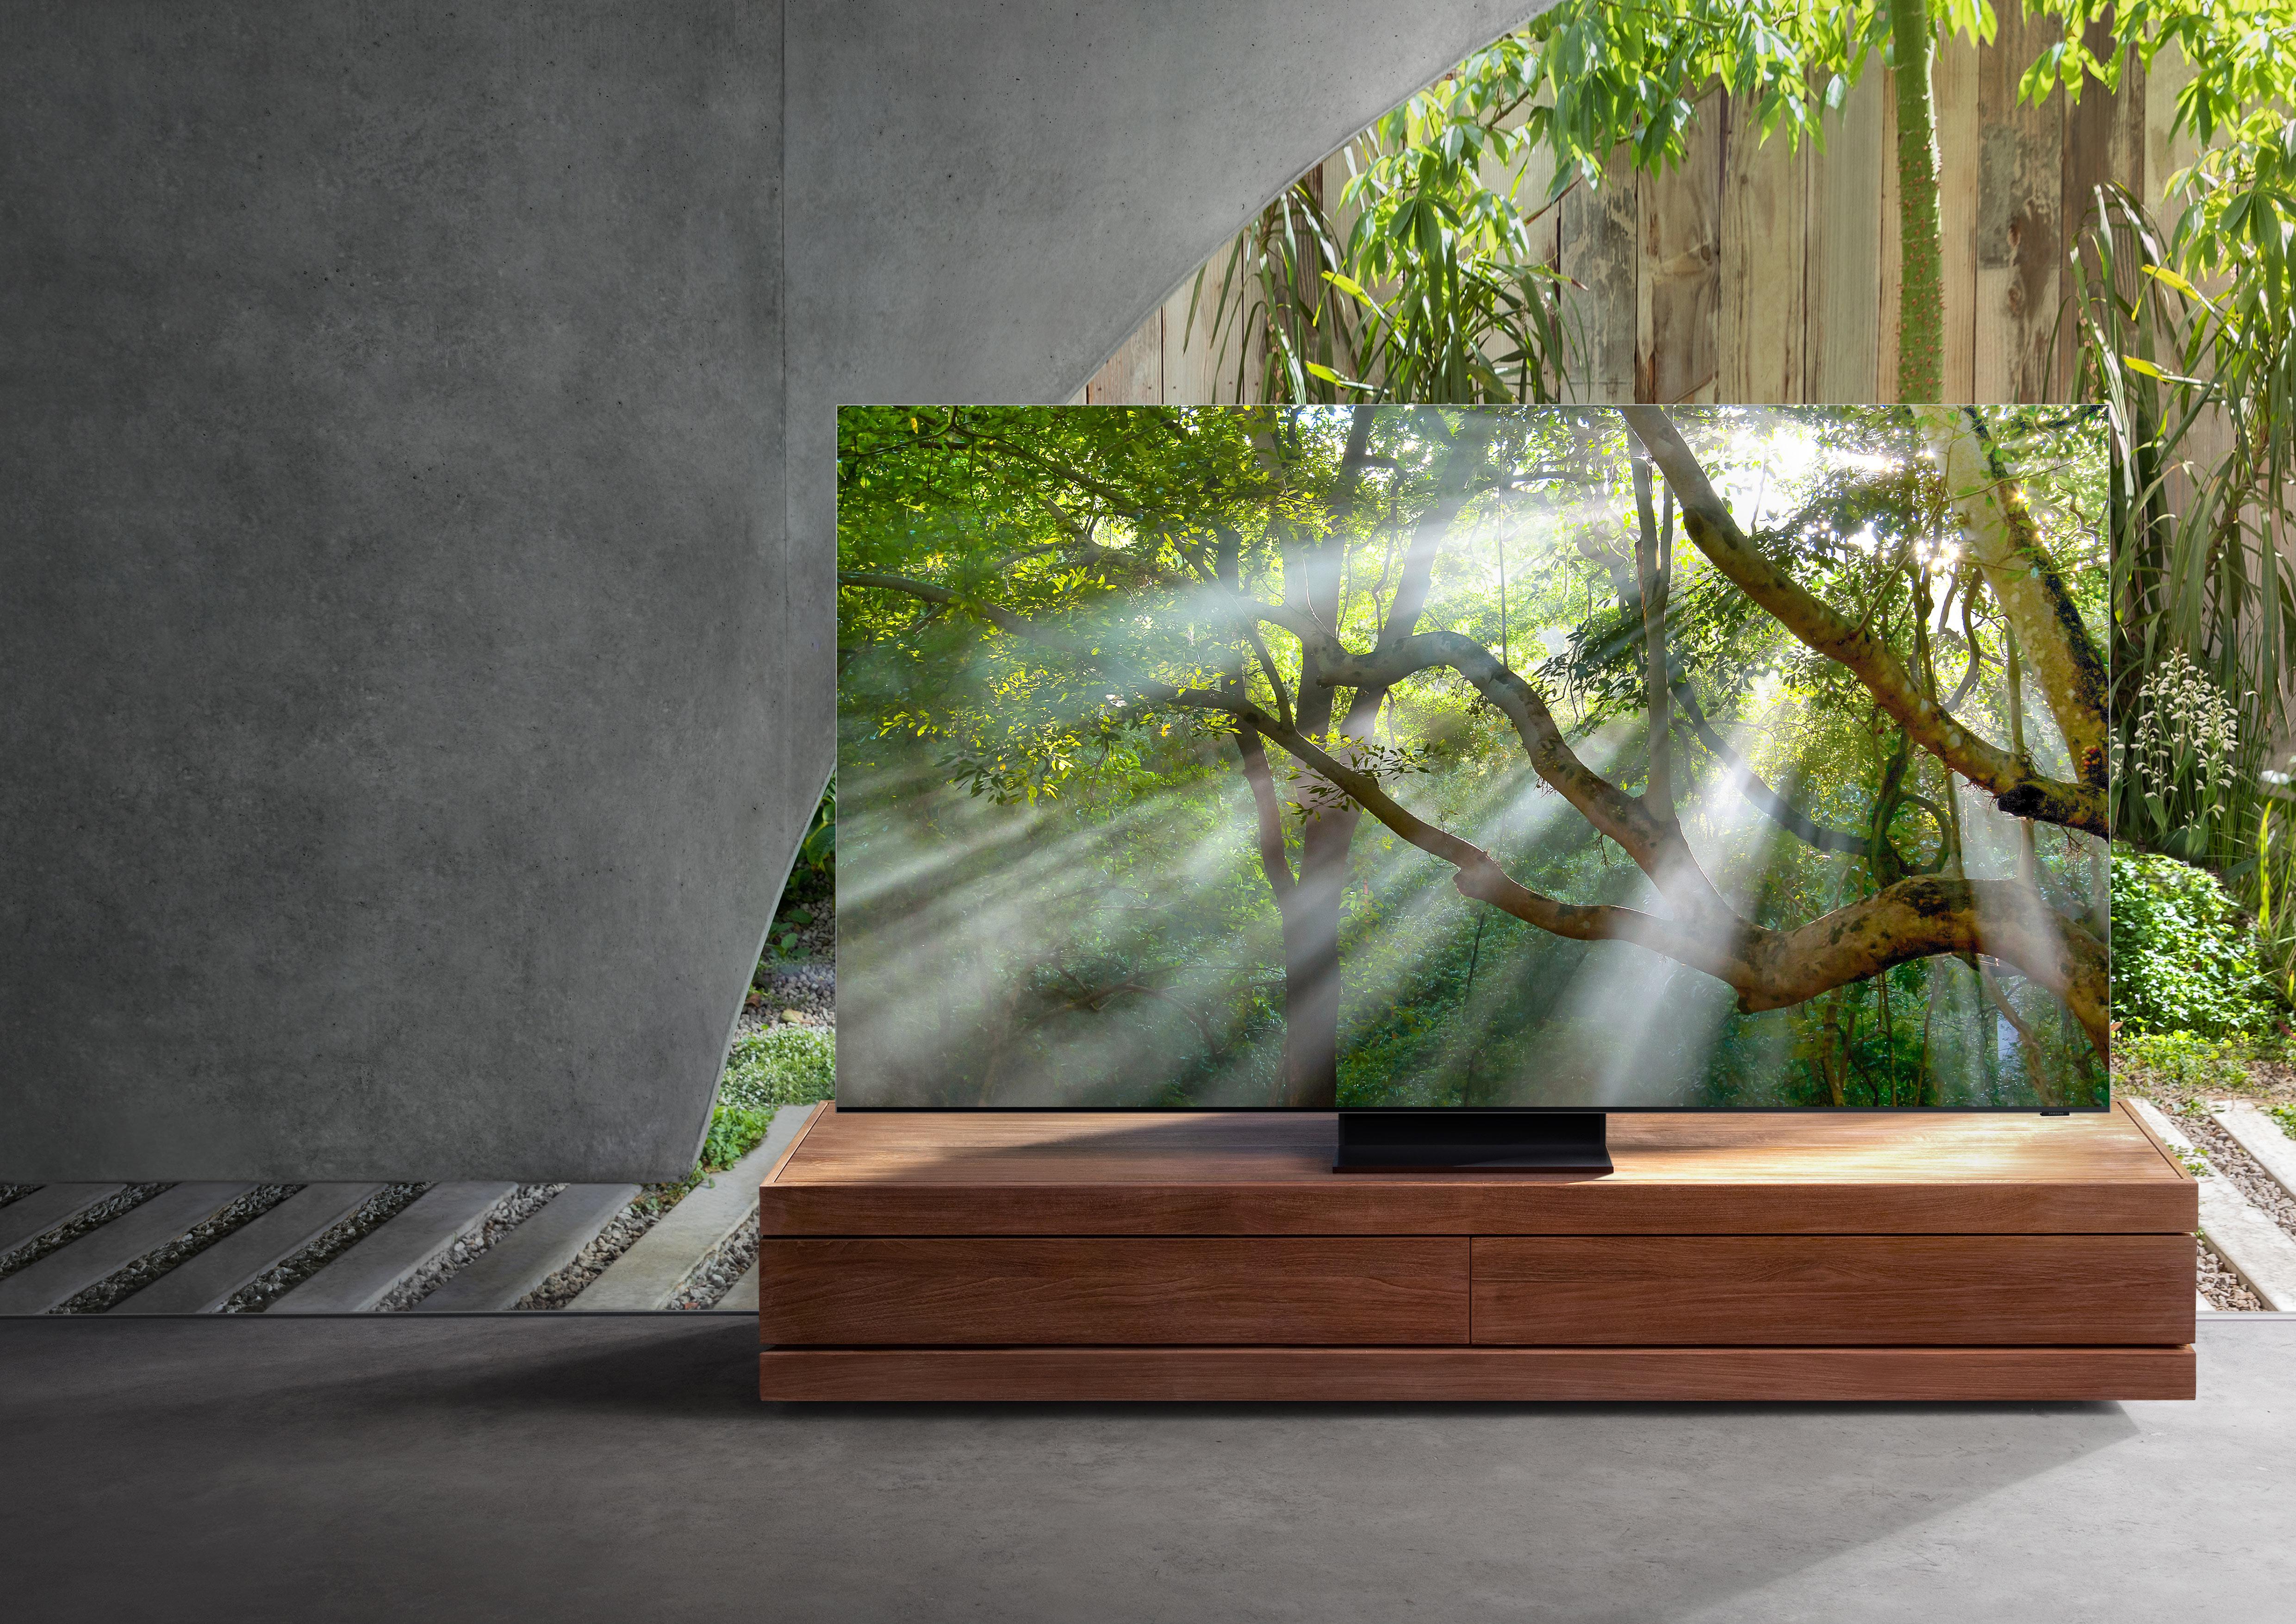 Samsung представляет обновленную линейку телевизоров QLED 2020 в России